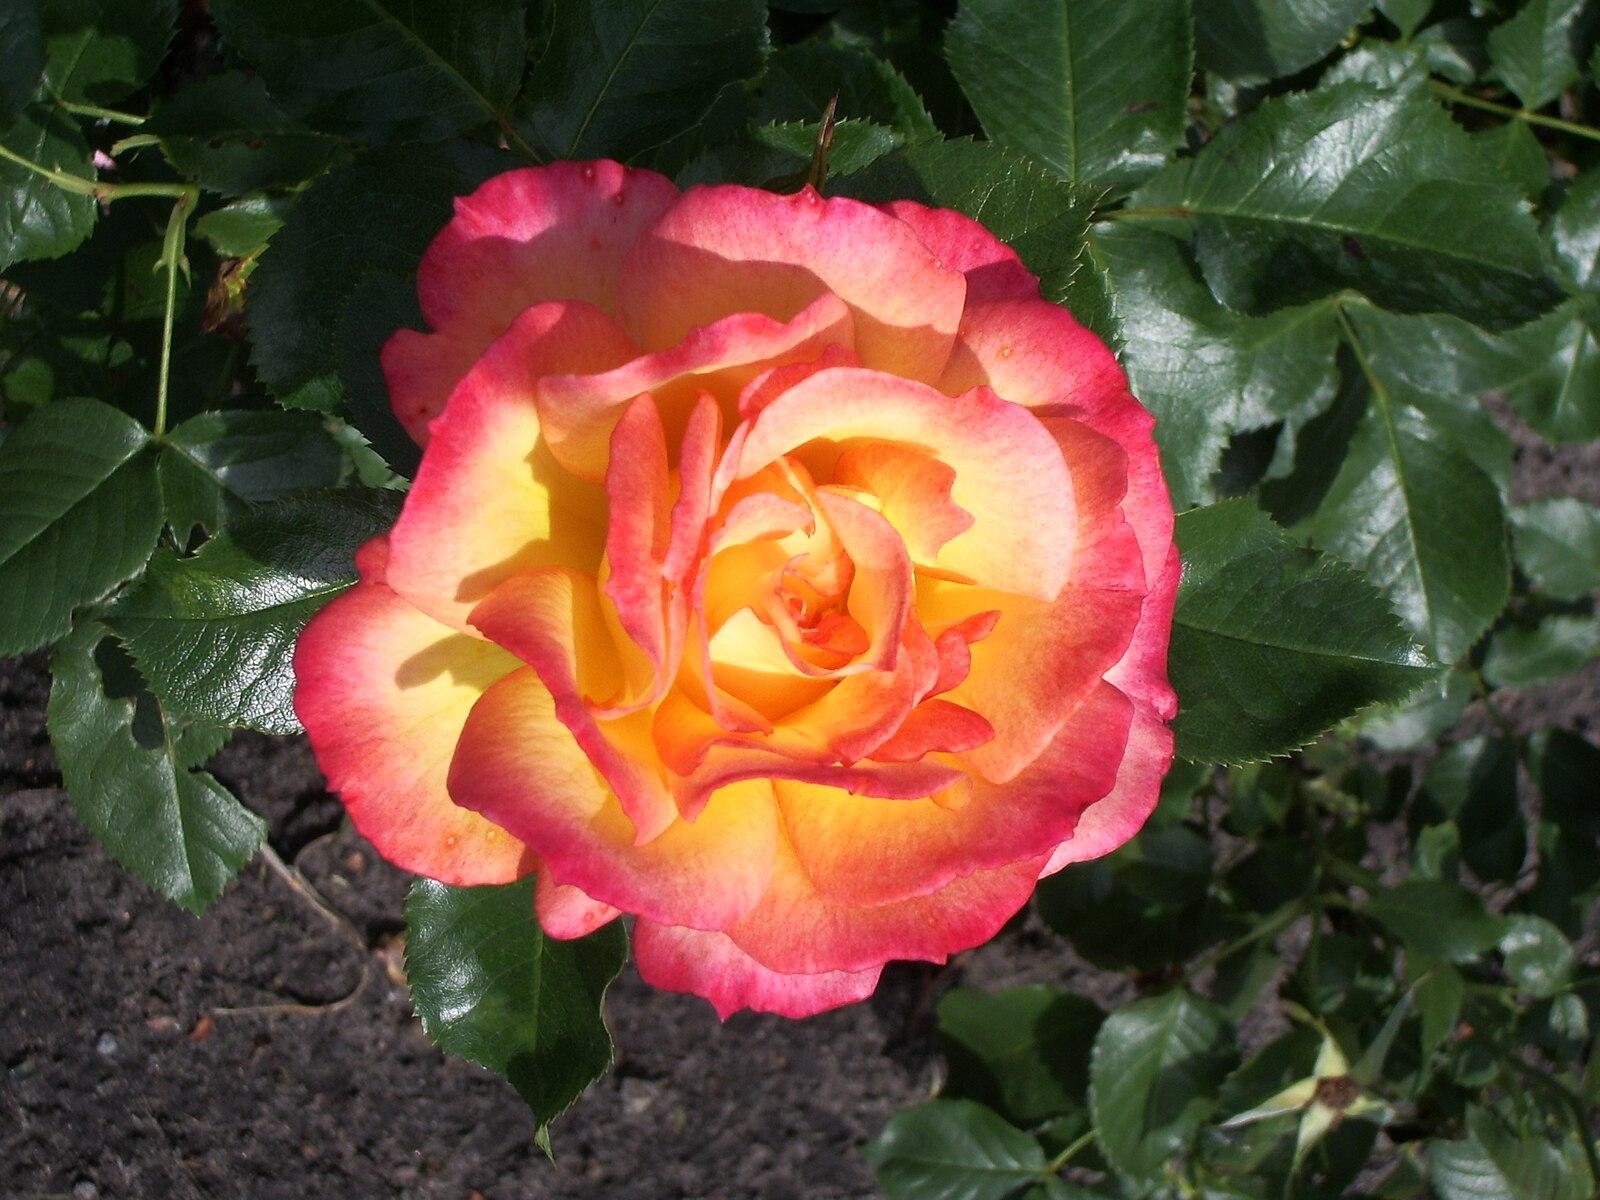 который практически роза бонанза фото отзывы магазинах красноярска